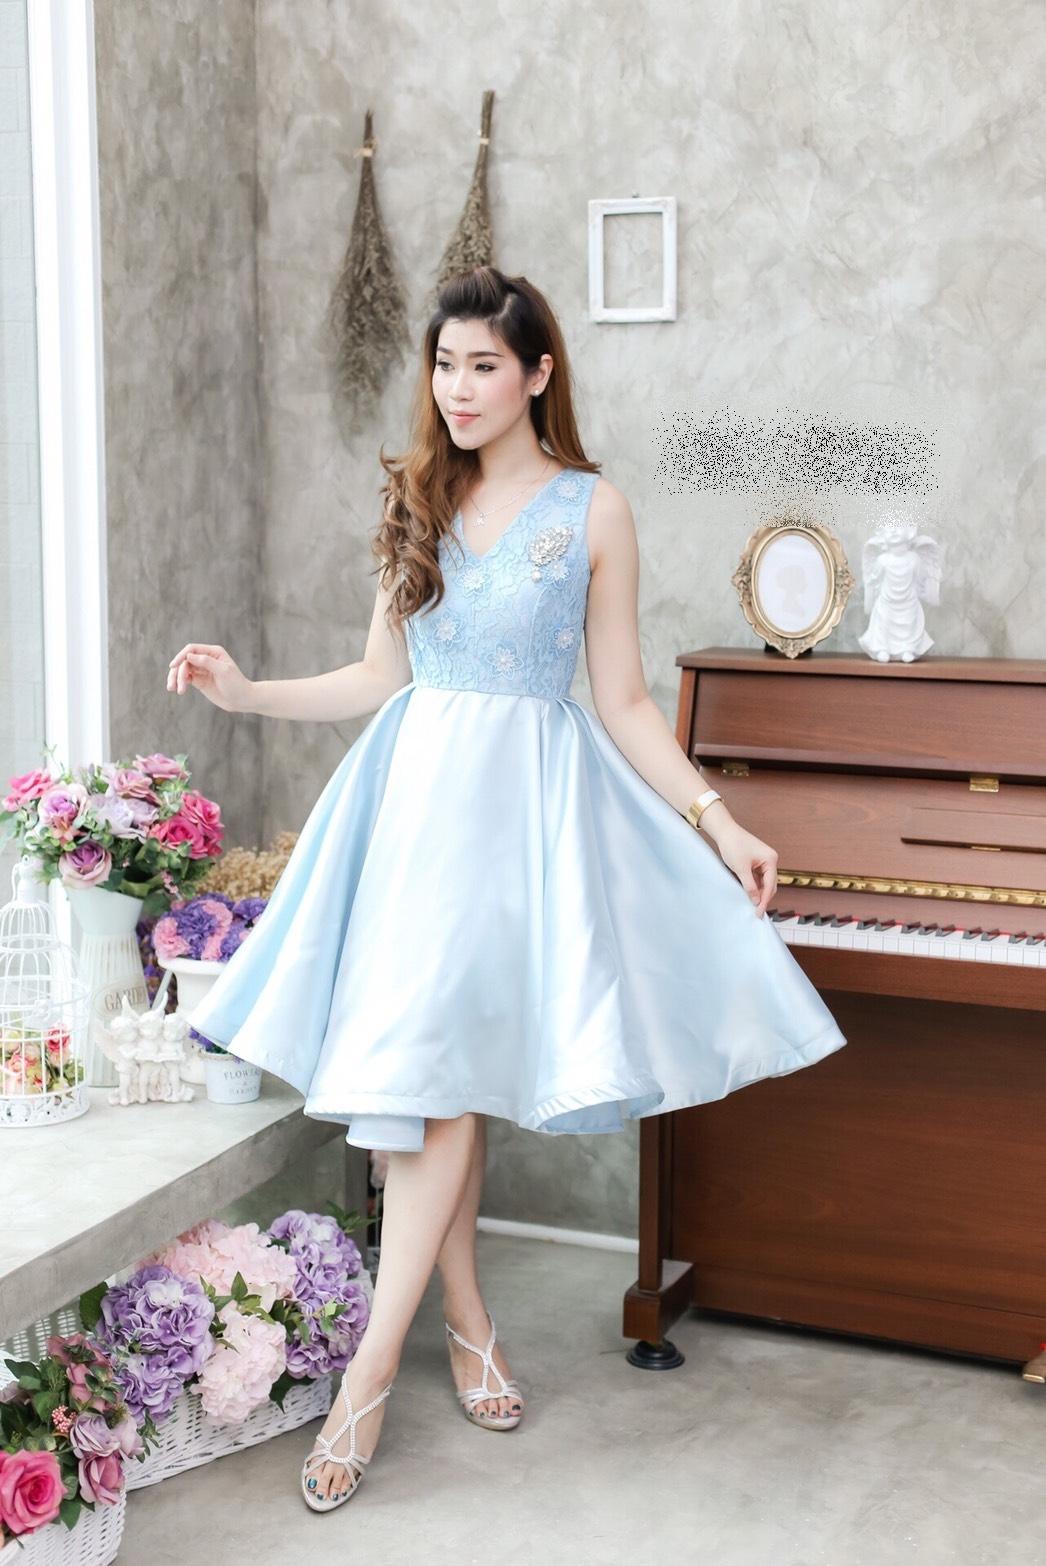 ชุดออกงาน/ชุดไปงานแต่งงานสีฟ้า เดรสสั้น แขนกุด กระโปรงบาน ผ้าลูกไม้+ผ้าไหมเกรดพรีเมี่ยม ราคาถูก